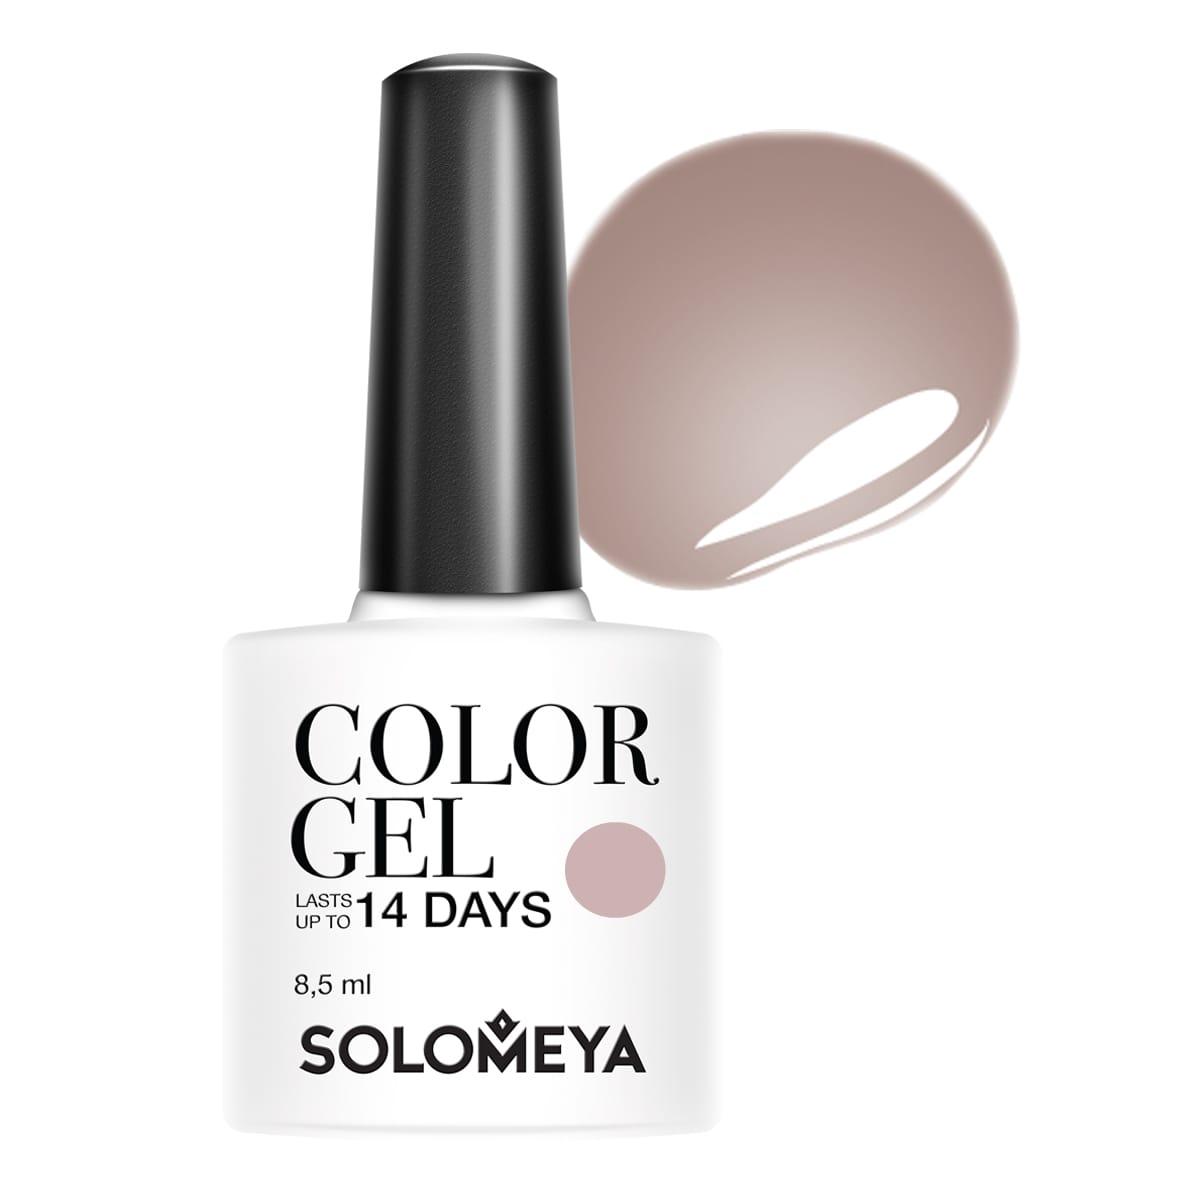 SOLOMEYA Гель-лак Solomeya Color Gel My best SCGY090/Мой лучший 8,5 млГель-лаки<br>Гель-лак Color Gel Solomeya подарит маникюру яркость, палитру из 100 оттенков и стойкость до 21 дня. Благодаря оптимальной консистенции он легко и равномерно наносится, не оставляя пузырьков и проплешин. В состав гель-лака входят качественные красители, обеспечивающие высокую пигментированность каждого оттенка. Не содержит толуол, растворители и отвердители. Способ применения: поверх базового геля нанесите 1 тонкий слой средства, запечатывая торцы ногтей, и просушите в UV-лампе (36 Вт) 1 минуту или в LED-лампе - 30 секунд. Затем нанесите второй слой цветного гель-лака, также запечатывая торцы ногтей, и просушите в UV-лампе (36 Вт) 1 минуту или в LED-лампе - 30 секунд.<br><br>Цвет: Коричневые<br>Виды лака: Глянцевые